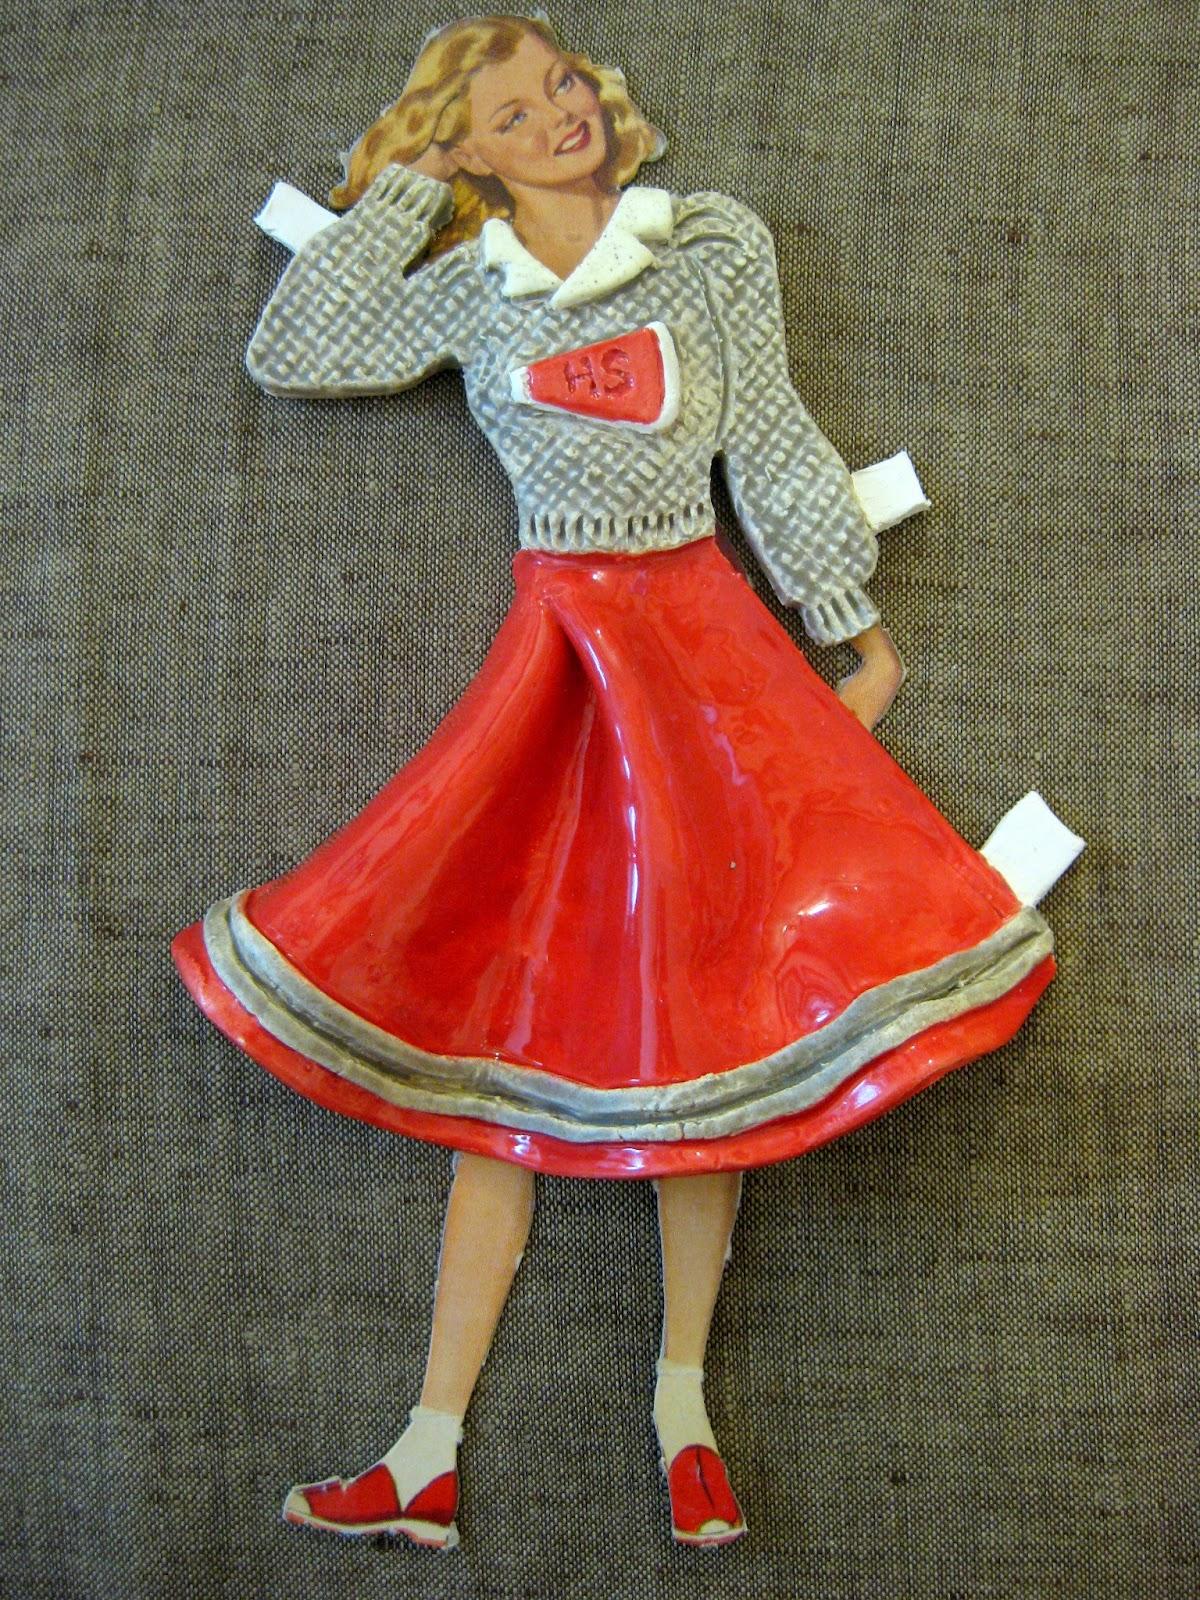 http://3.bp.blogspot.com/-HdjrsF5ErTQ/T6nl9cRc49I/AAAAAAAADEw/NuuwHVFQbAE/s1600/dress2.jpg